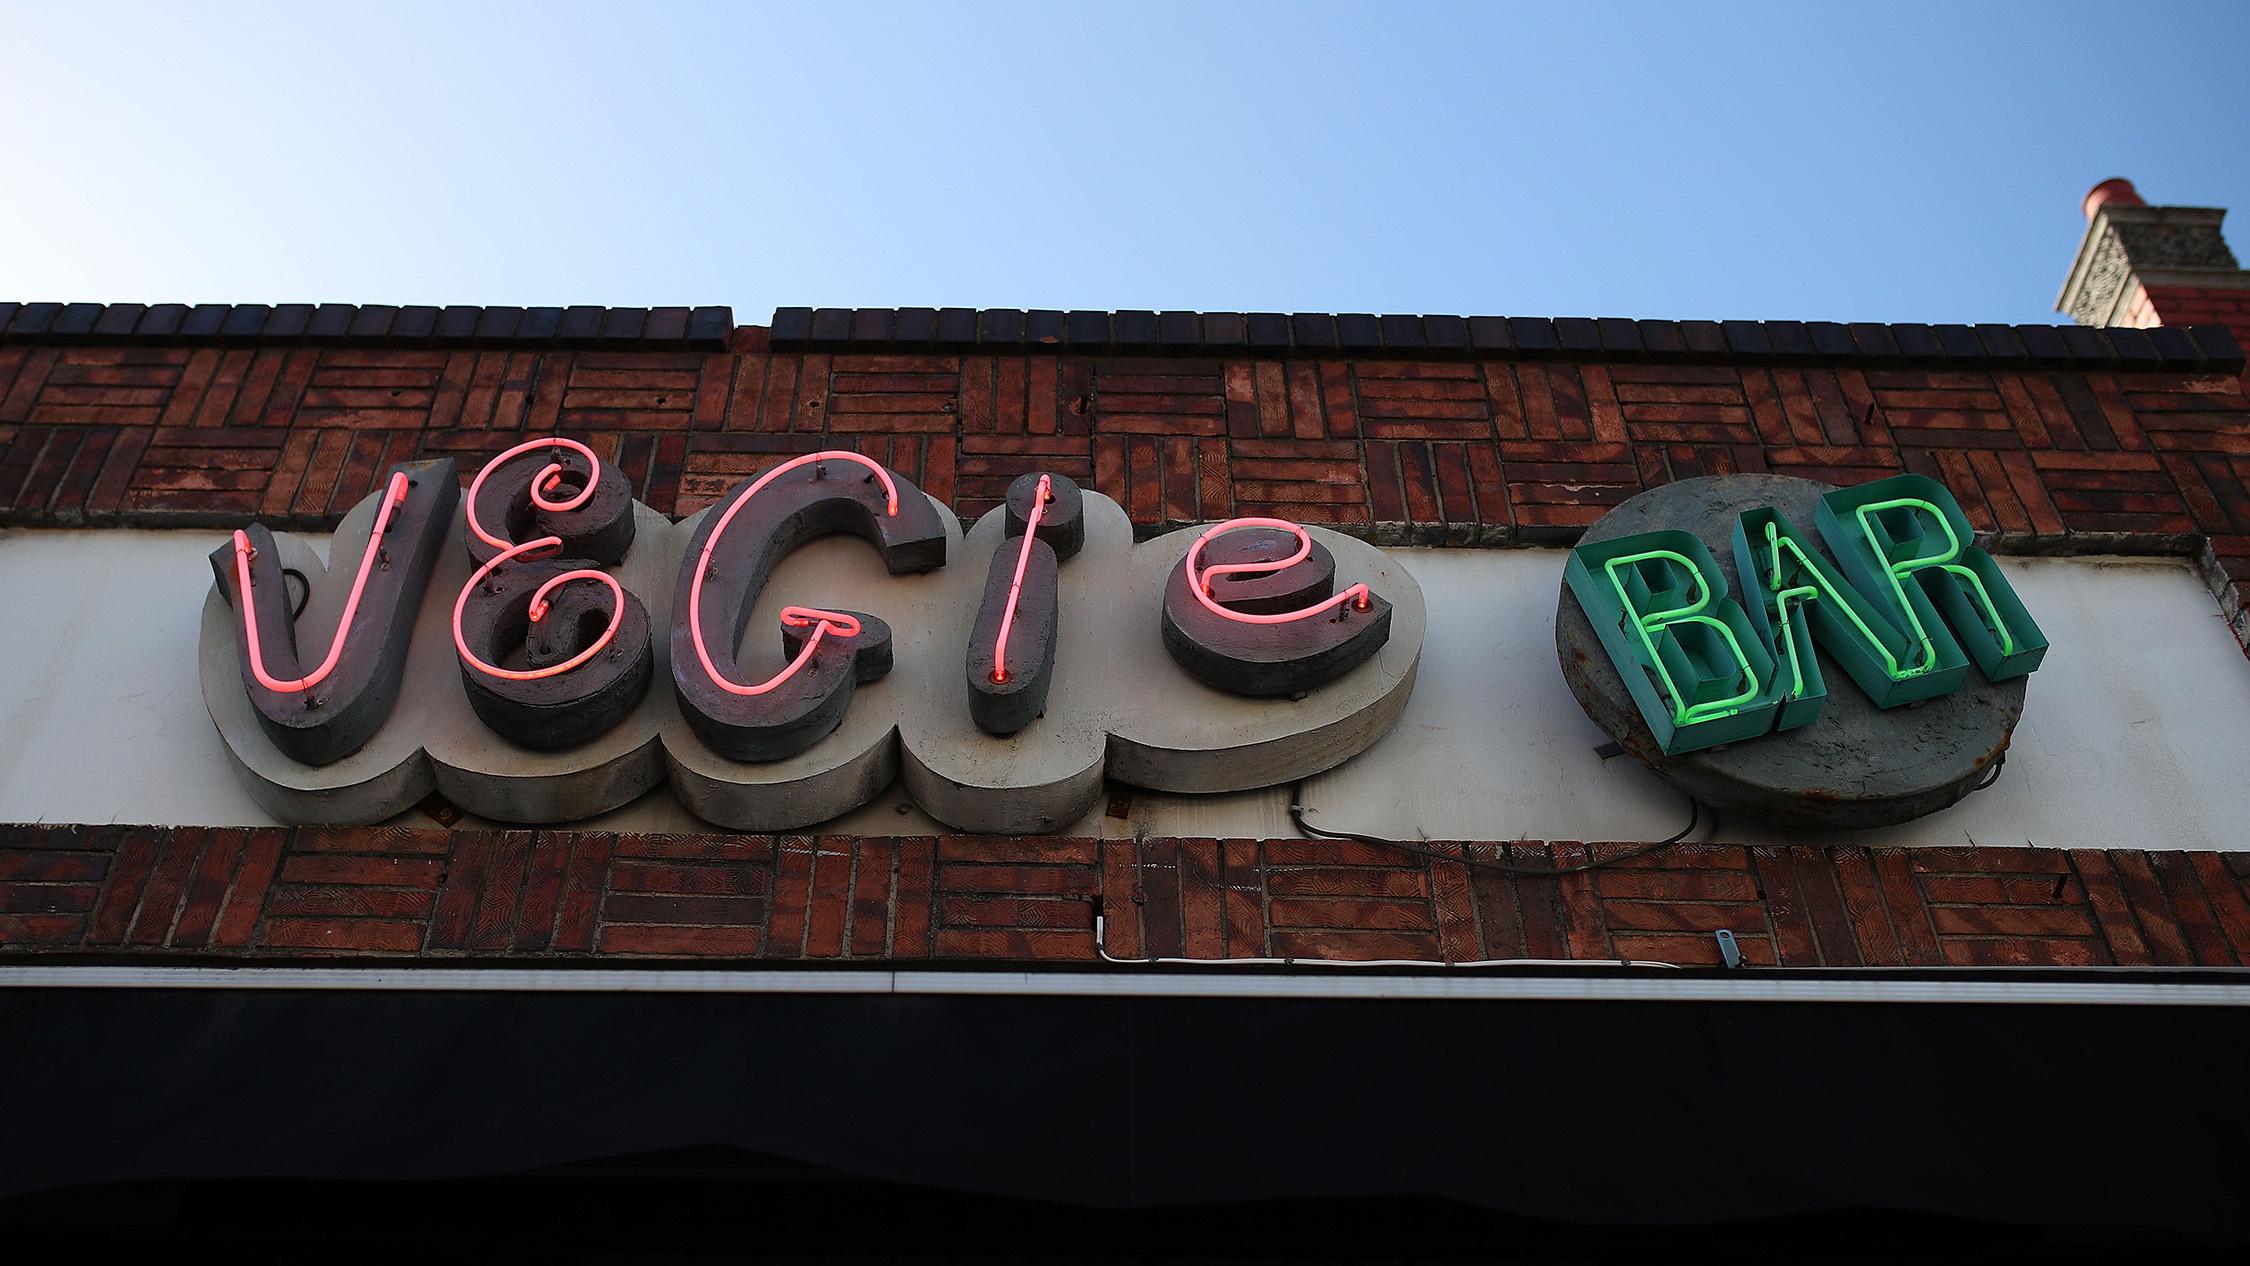 at Vegie Bar